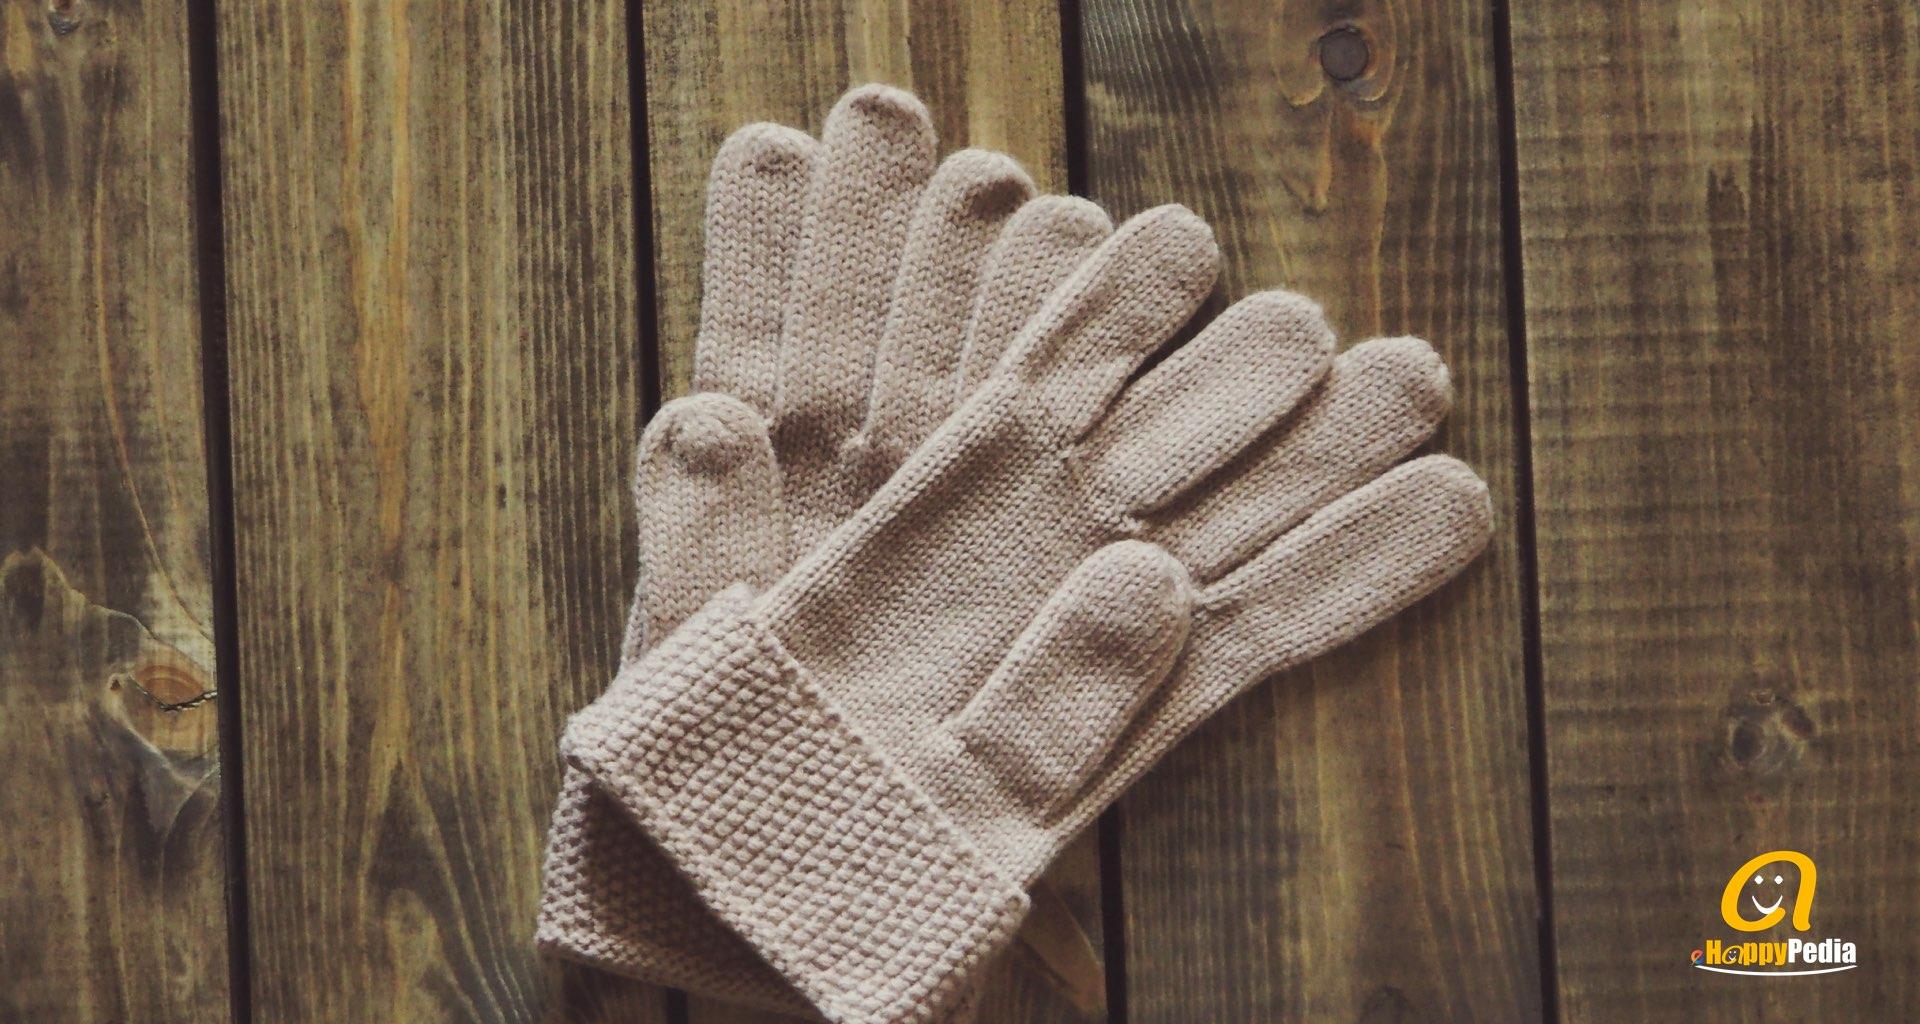 blog - hand cloves wool autumn.jpeg